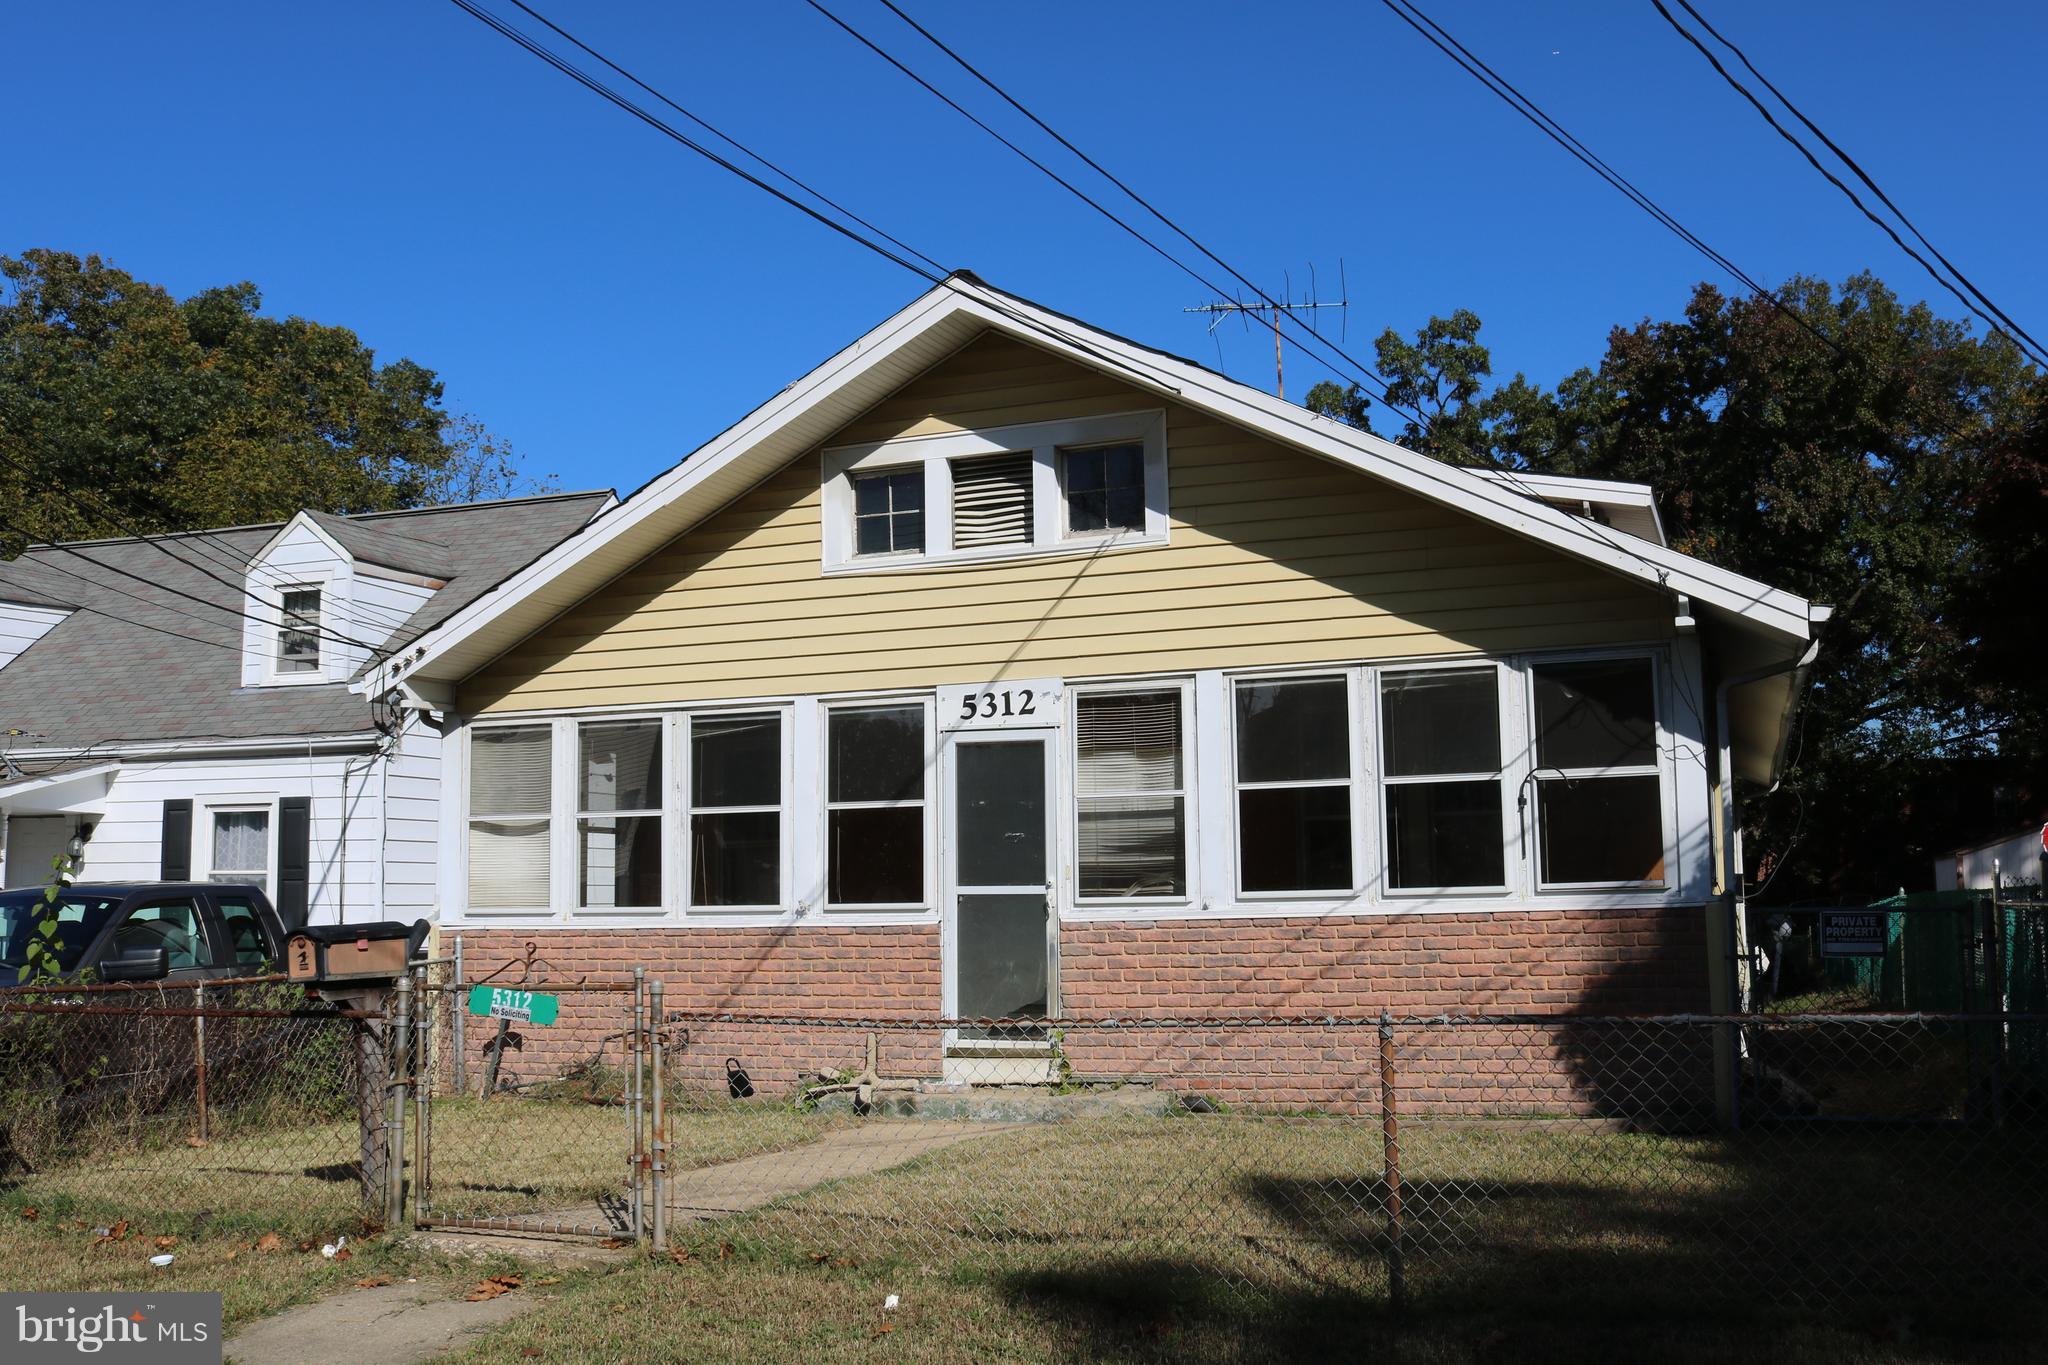 5312 GALLATIN STREET, HYATTSVILLE, MD 20781